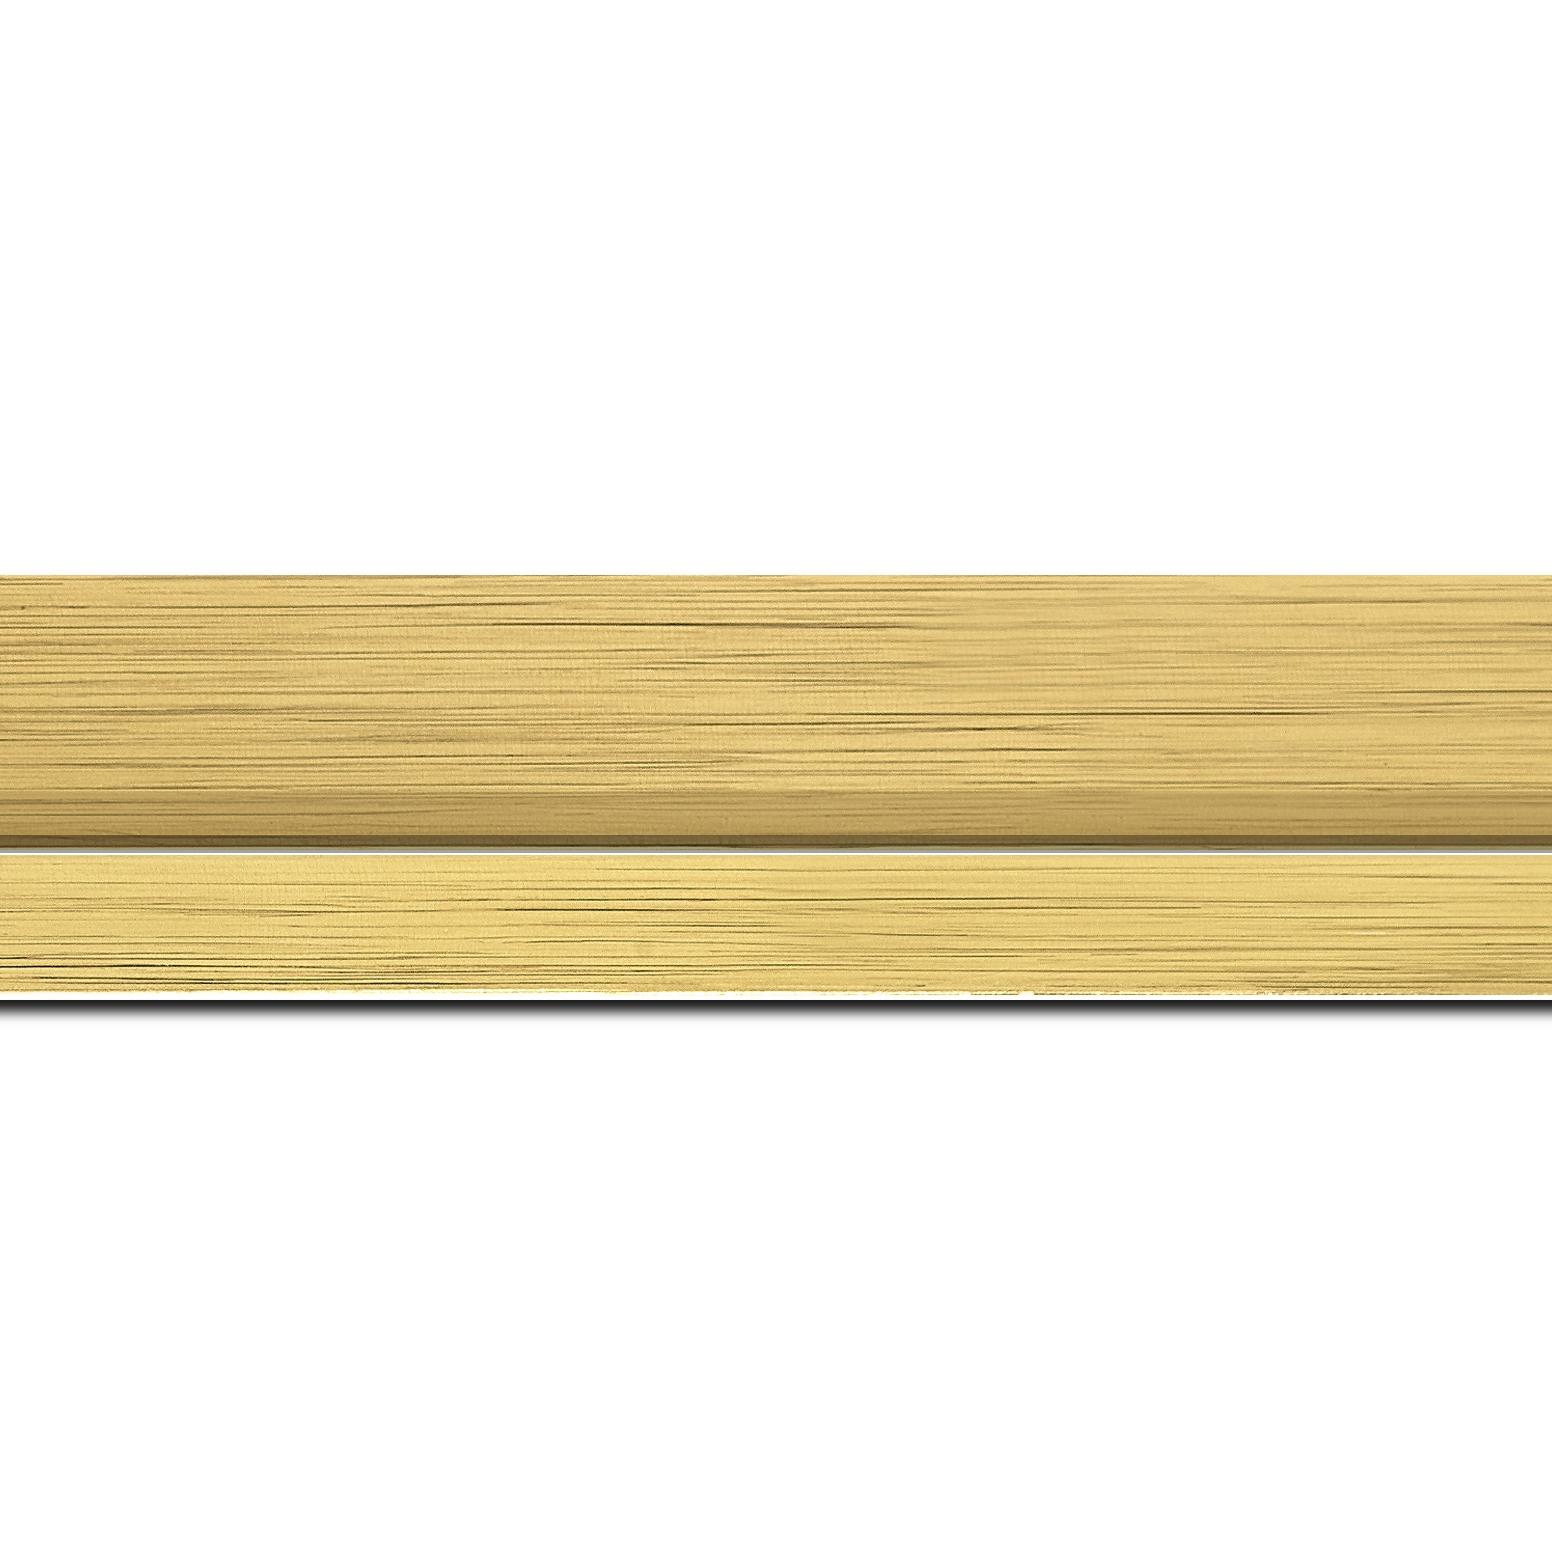 Baguette longueur 1.40m bois profil plat largeur 4.5cm couleur or nez or